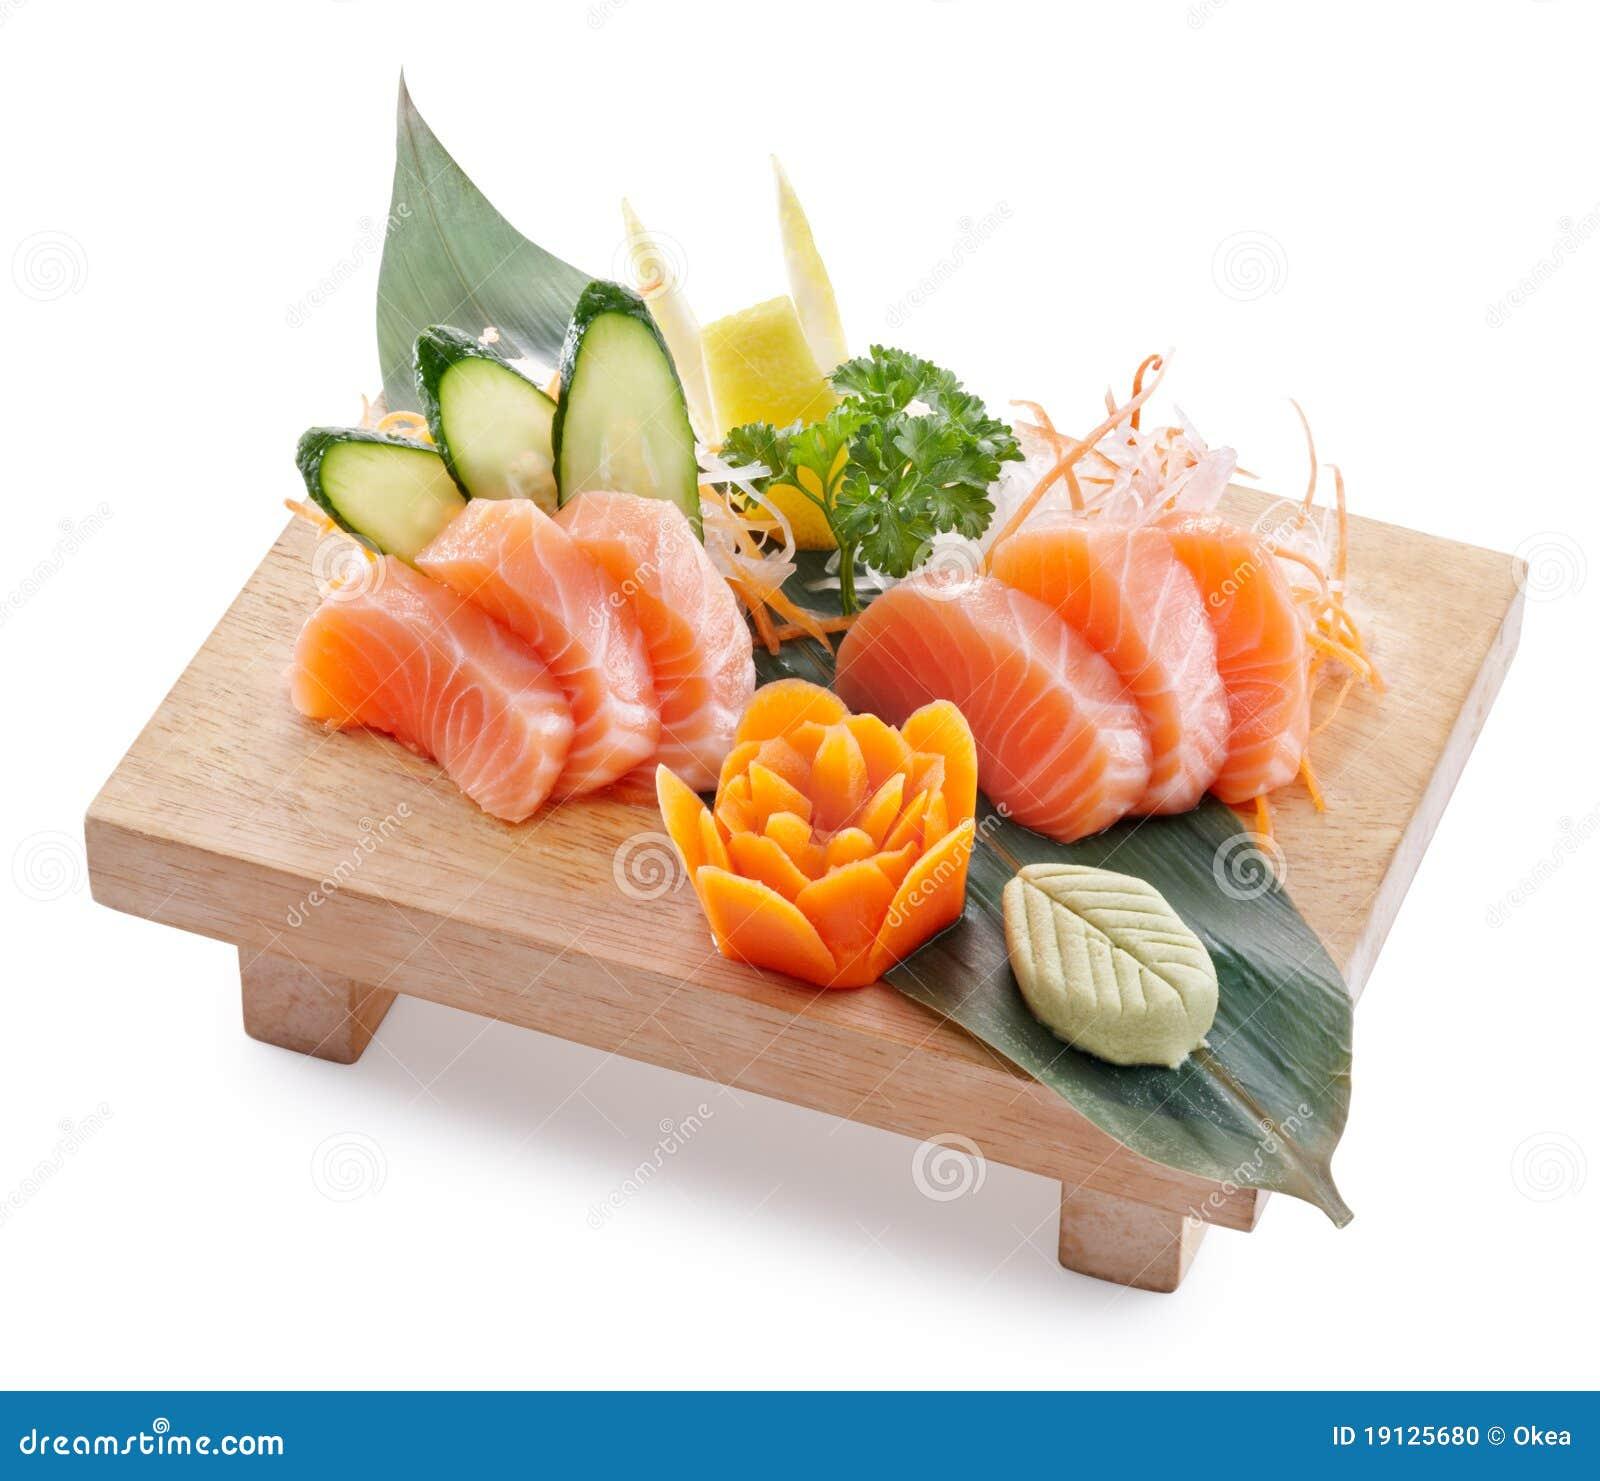 how to choose fresh salmon sashimi